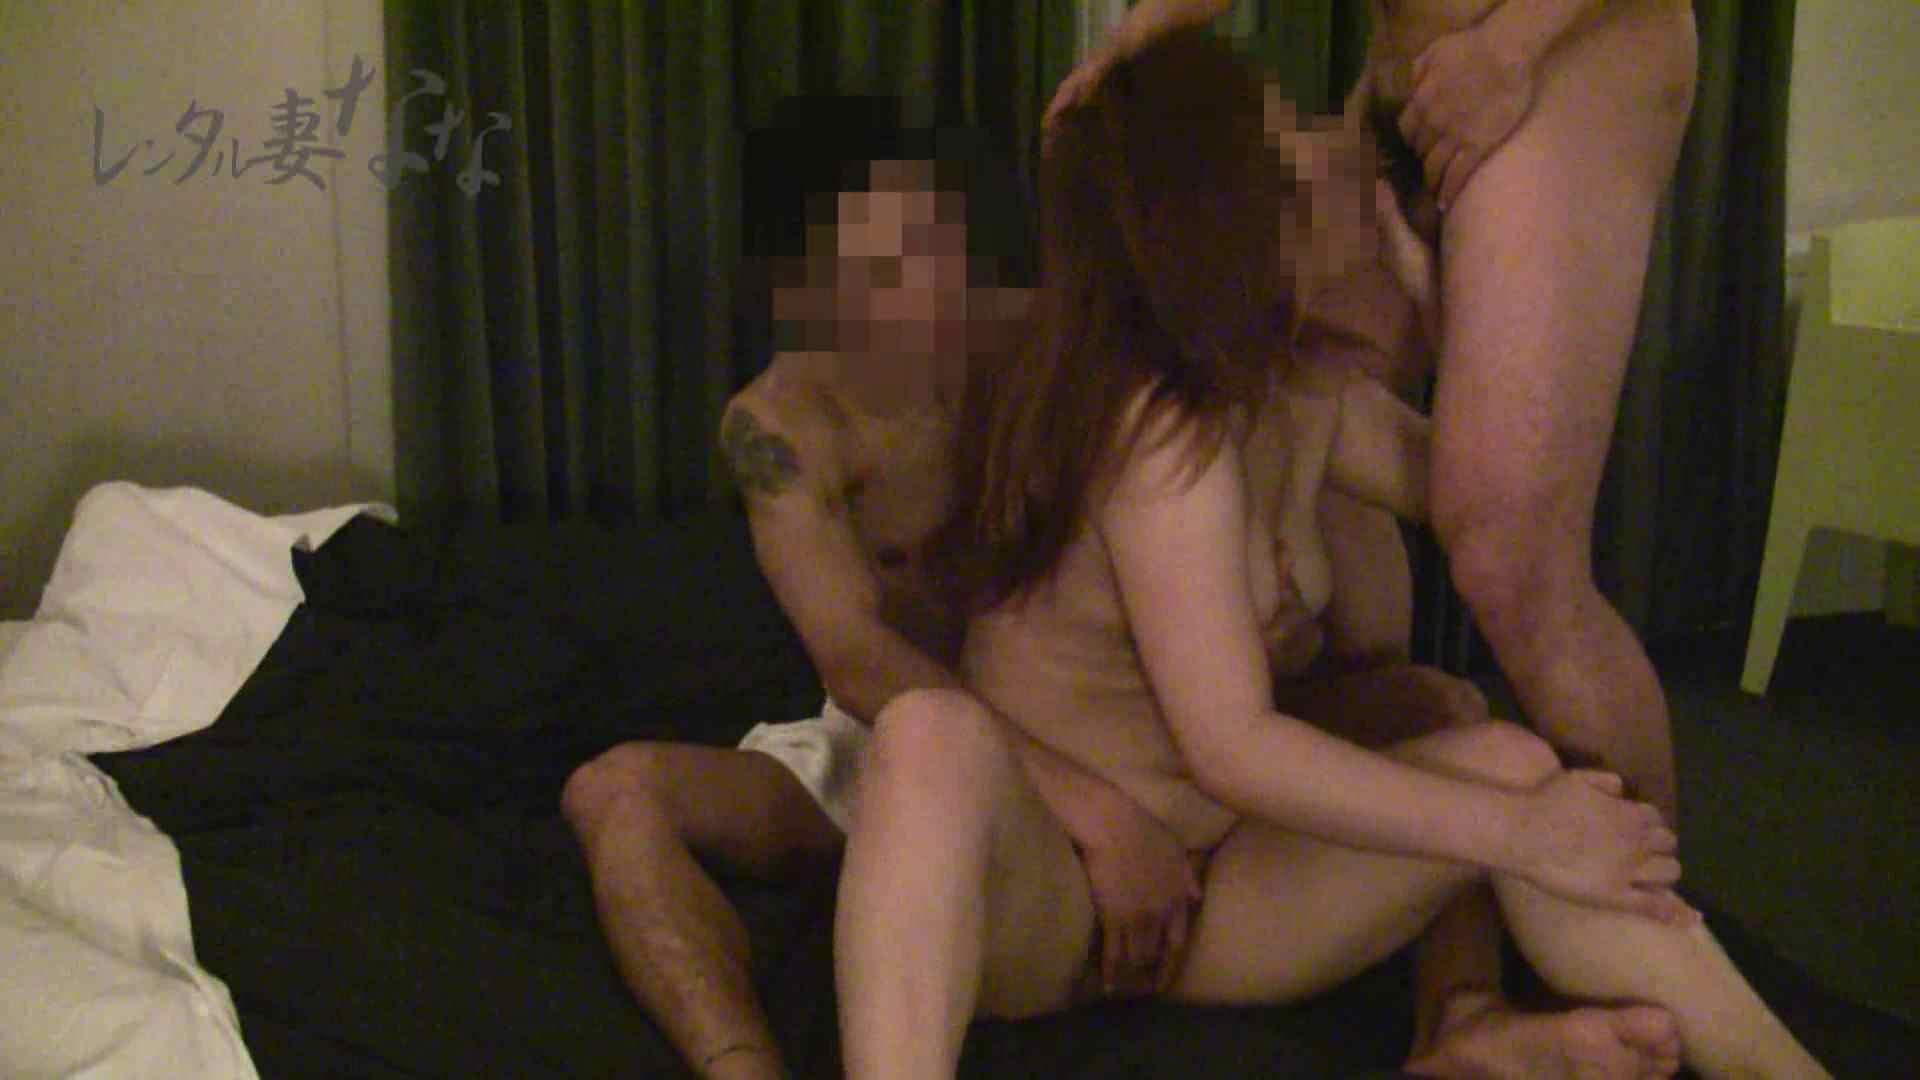 レンタル妻ななのお友達vol.2 クンニ 性交動画流出 89連発 14